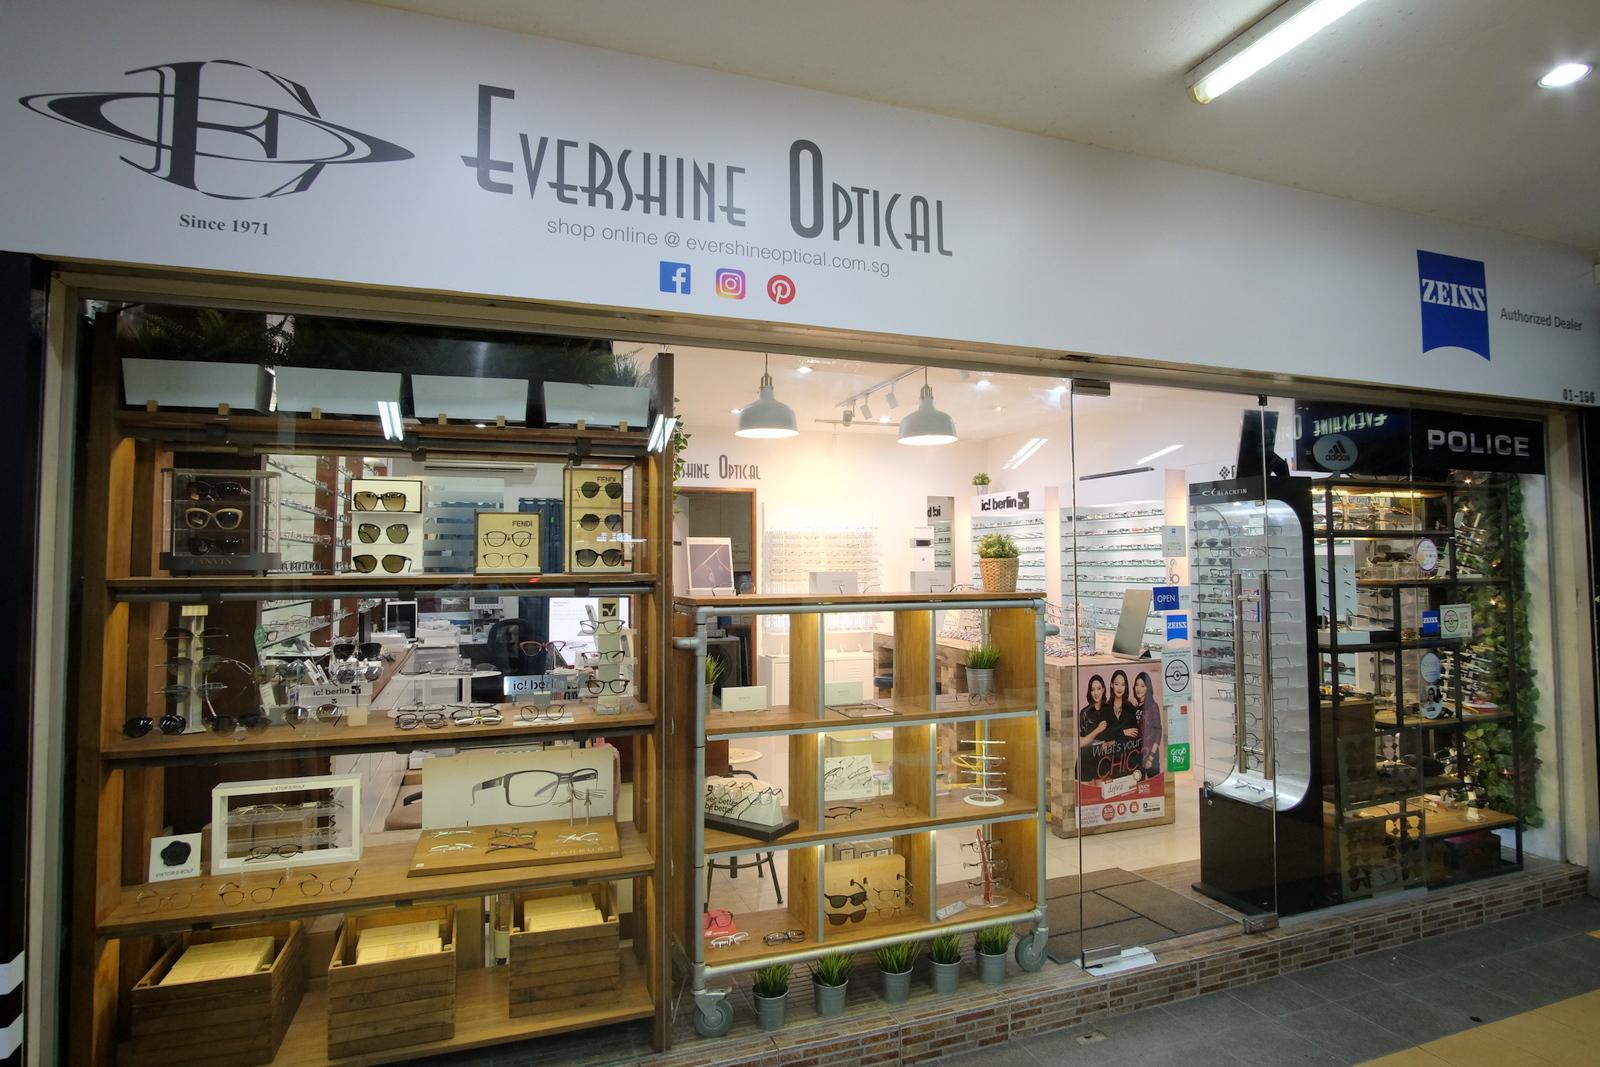 evershineoptical shop front